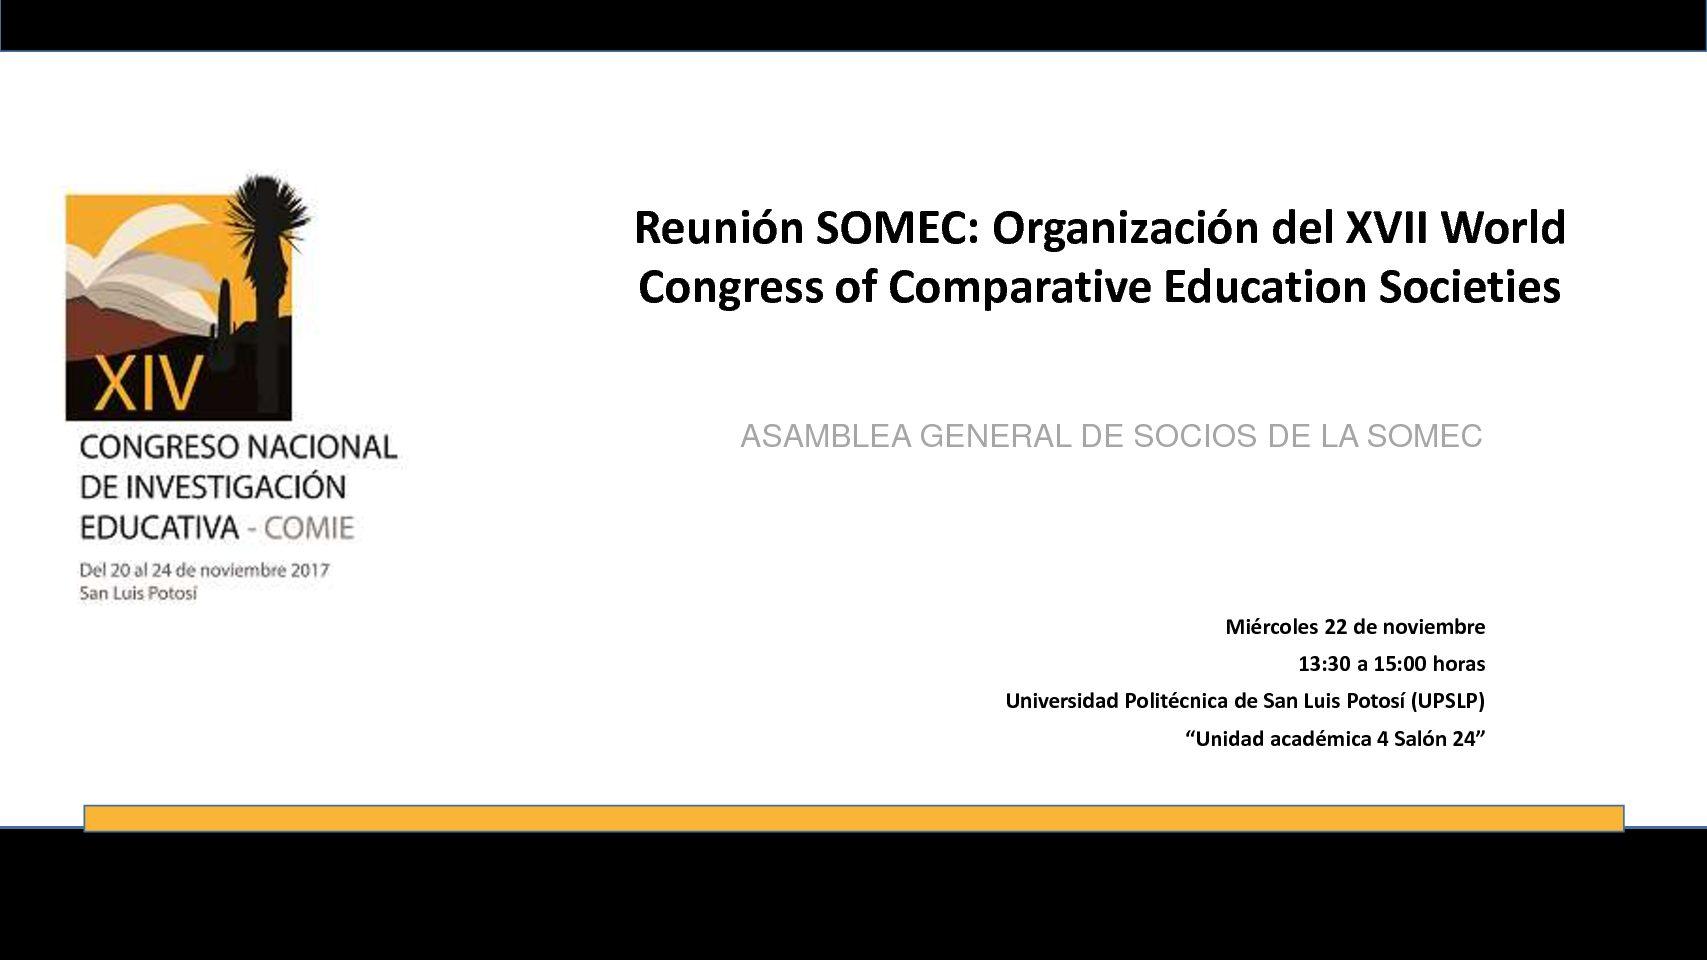 ASAMBLEA GENERAL DE SOCIOS DE LA SOMEC, 22 de noviembre, 2017. San Luis Potosí.